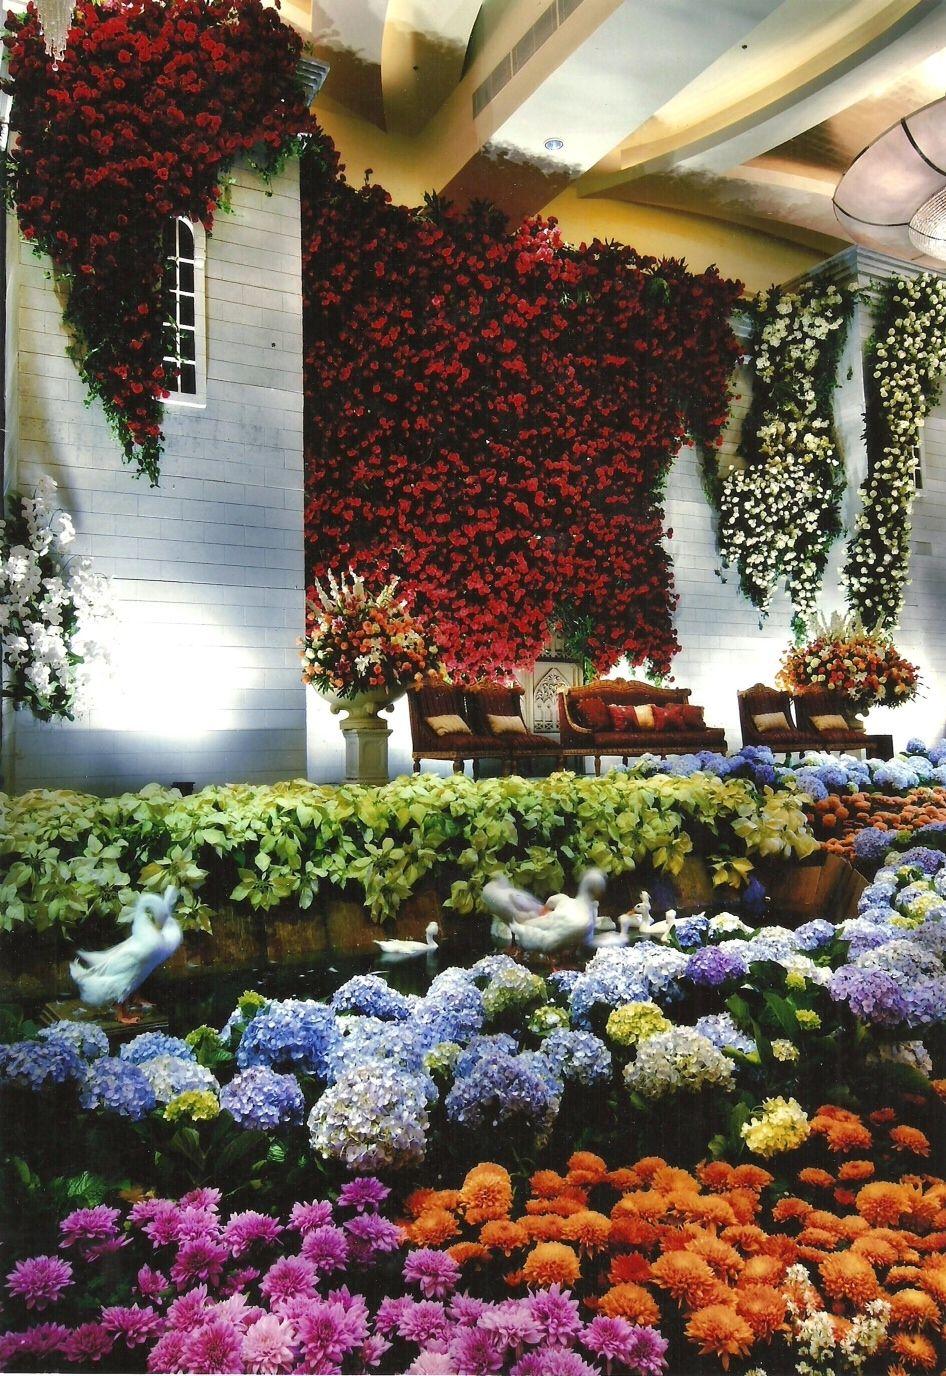 Lovely spain garden for indoor wedding decoration project by lovely spain garden for indoor wedding decoration project by suryanto decoration http junglespirit Gallery